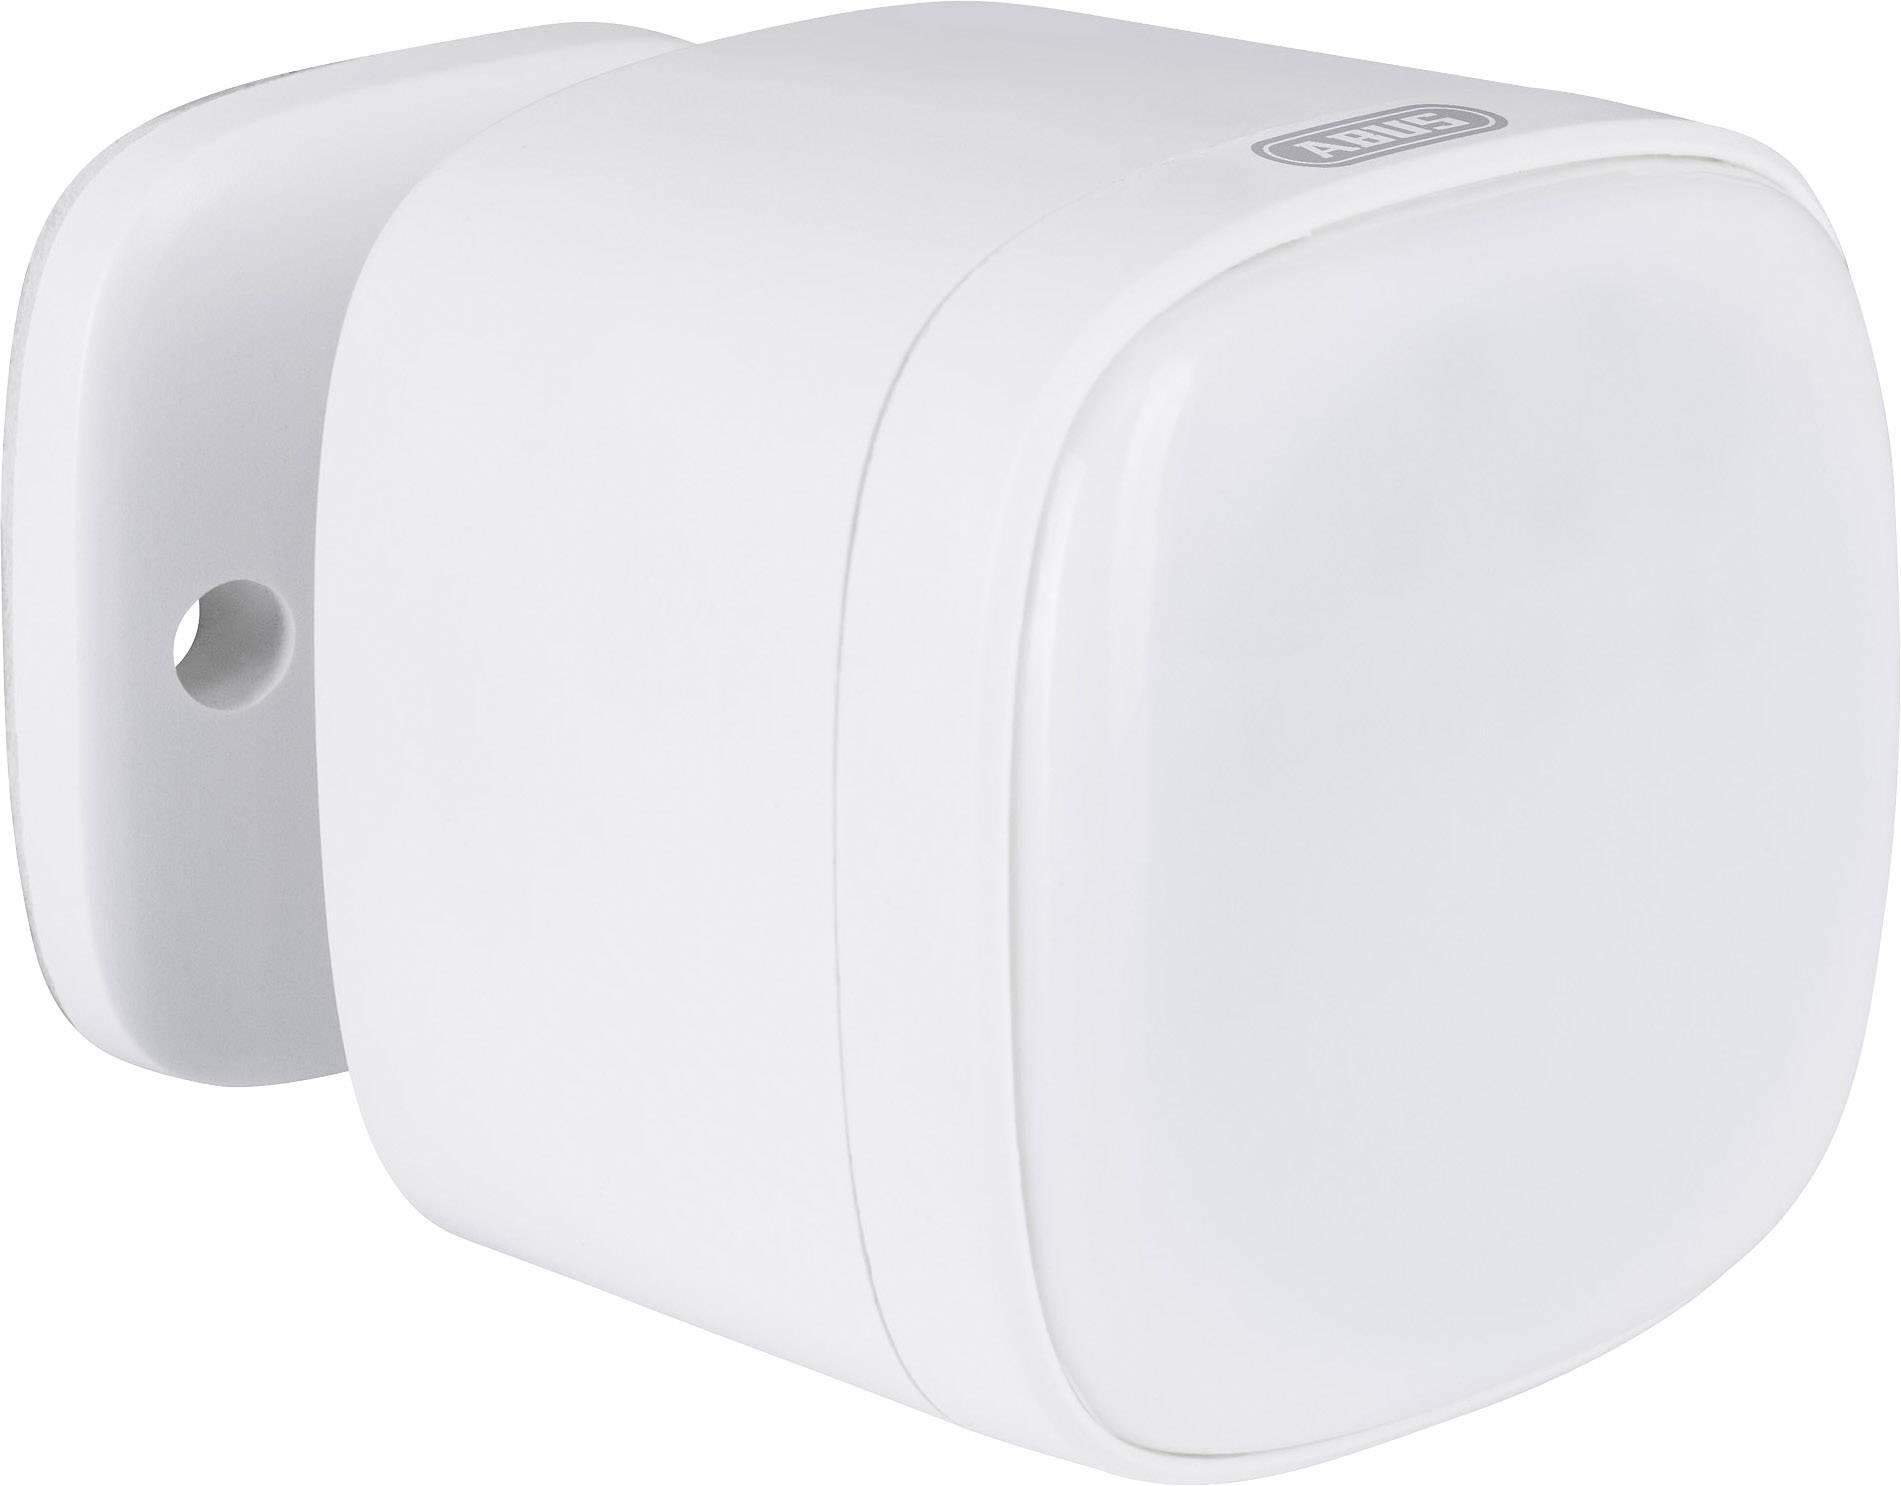 Bezdrátový multifunkční hlásič ABUS SHBW10000